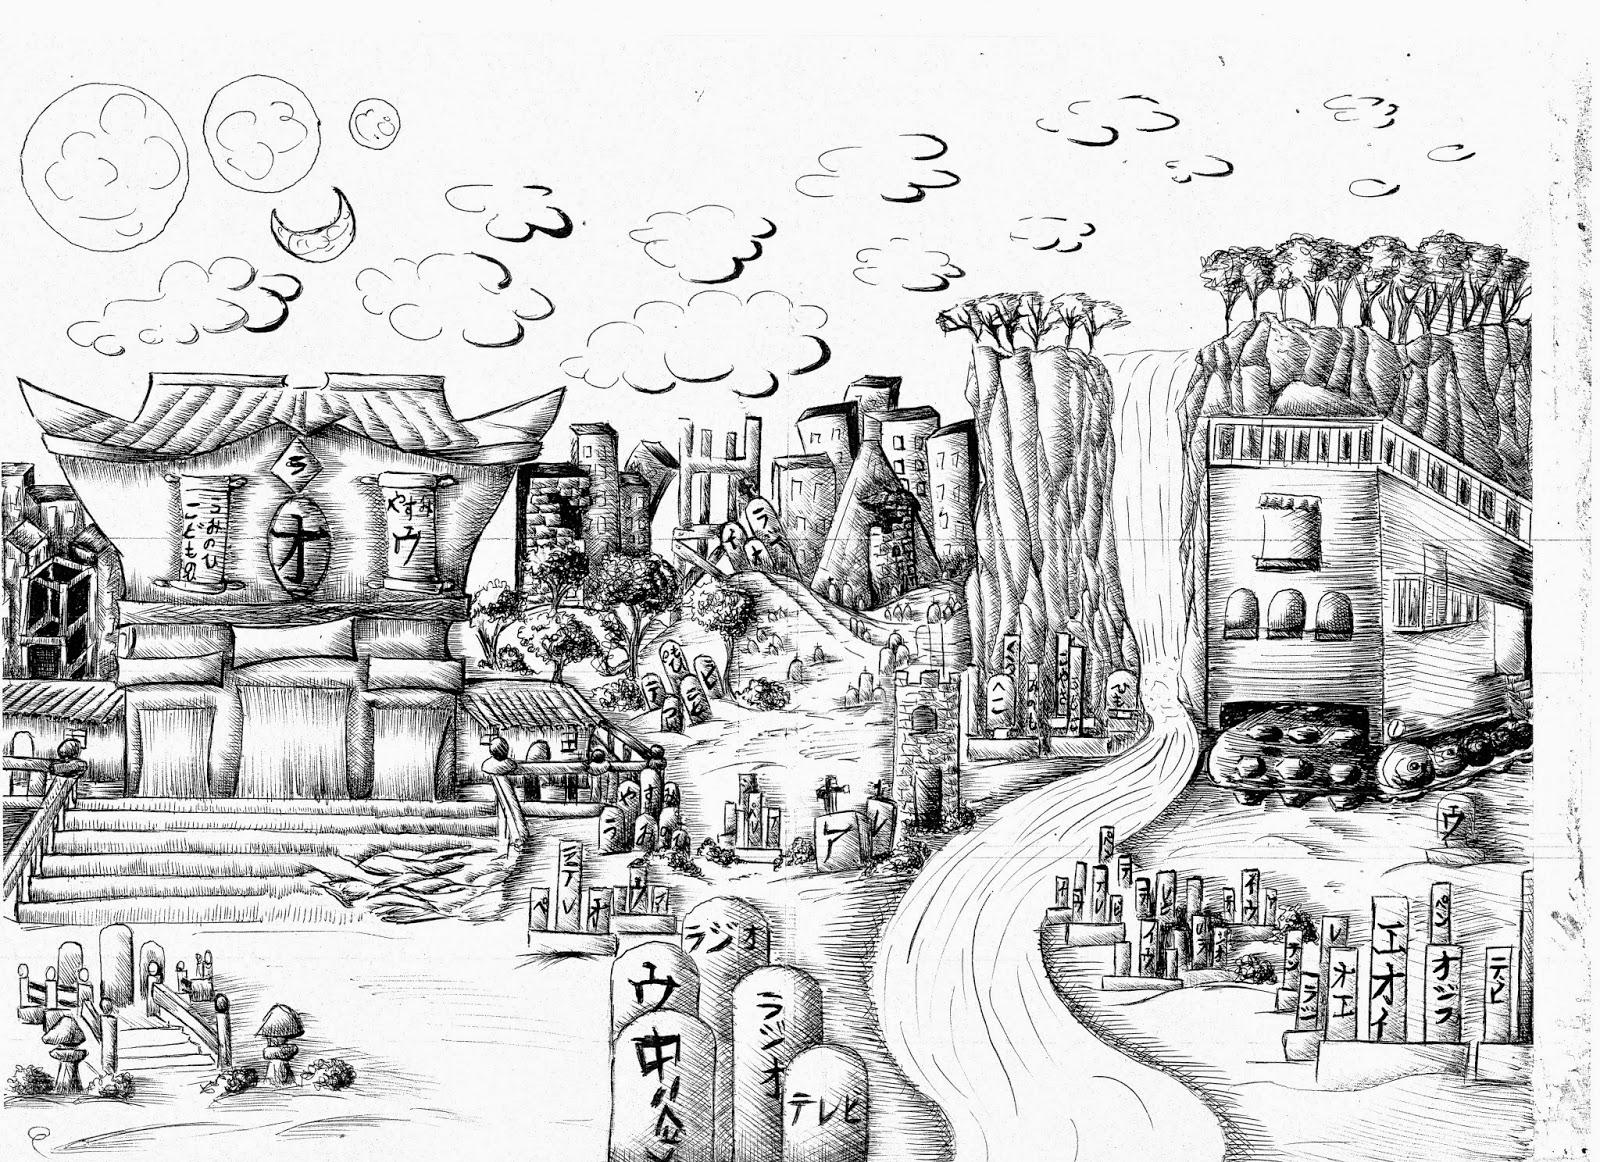 douglas suzano ilustrador a cidade cemitério